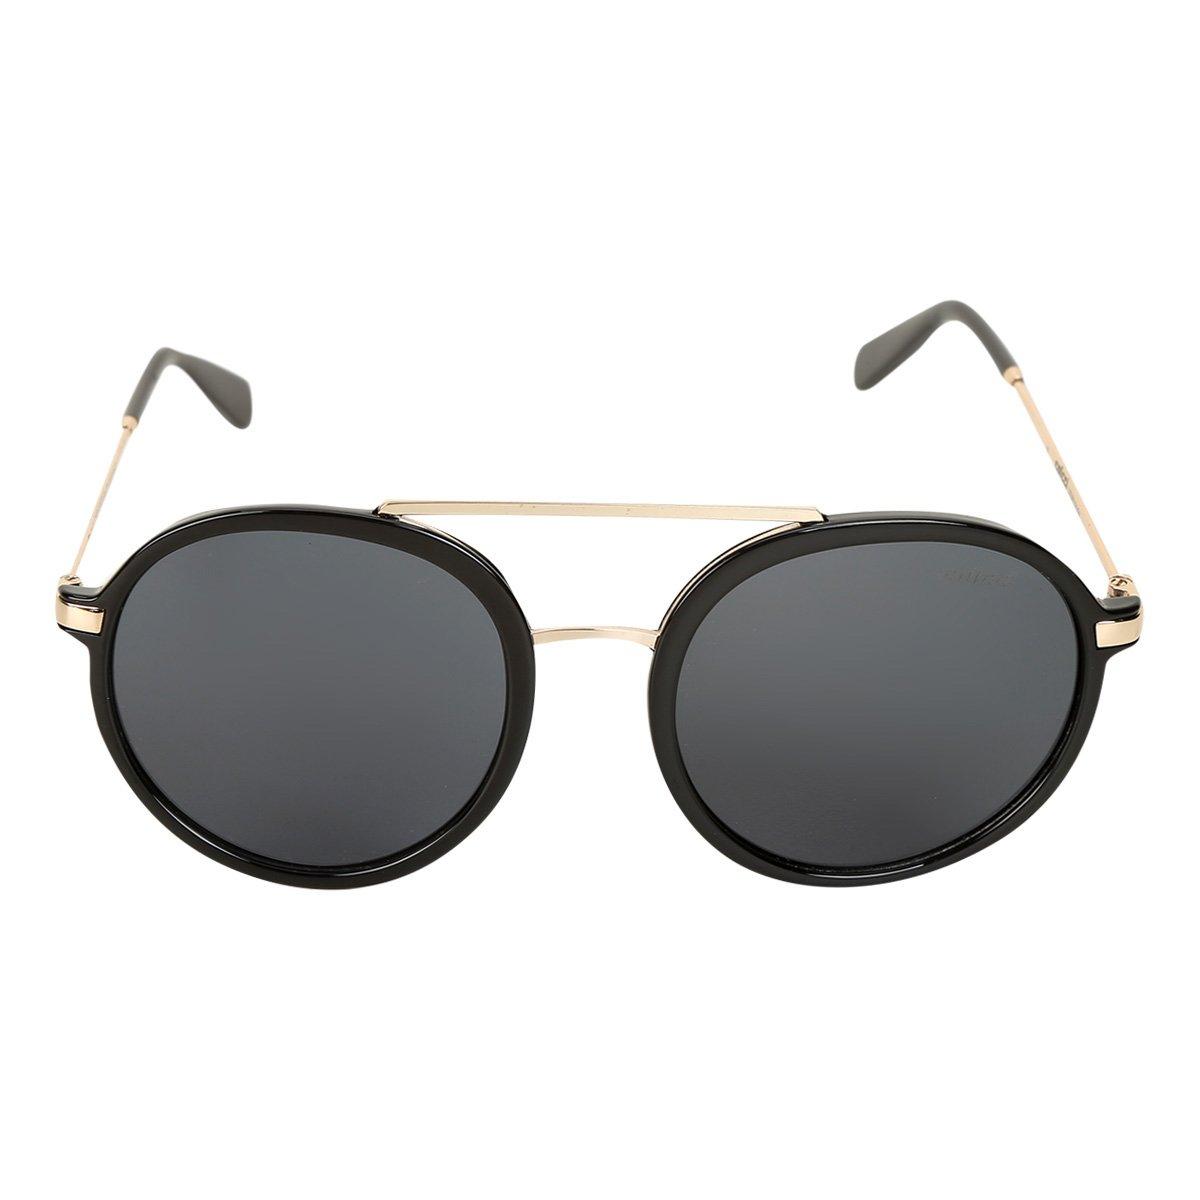 ae8316ff63b98 Óculos de Sol Colcci Redondo Cindy Brilho Feminino - Compre Agora ...